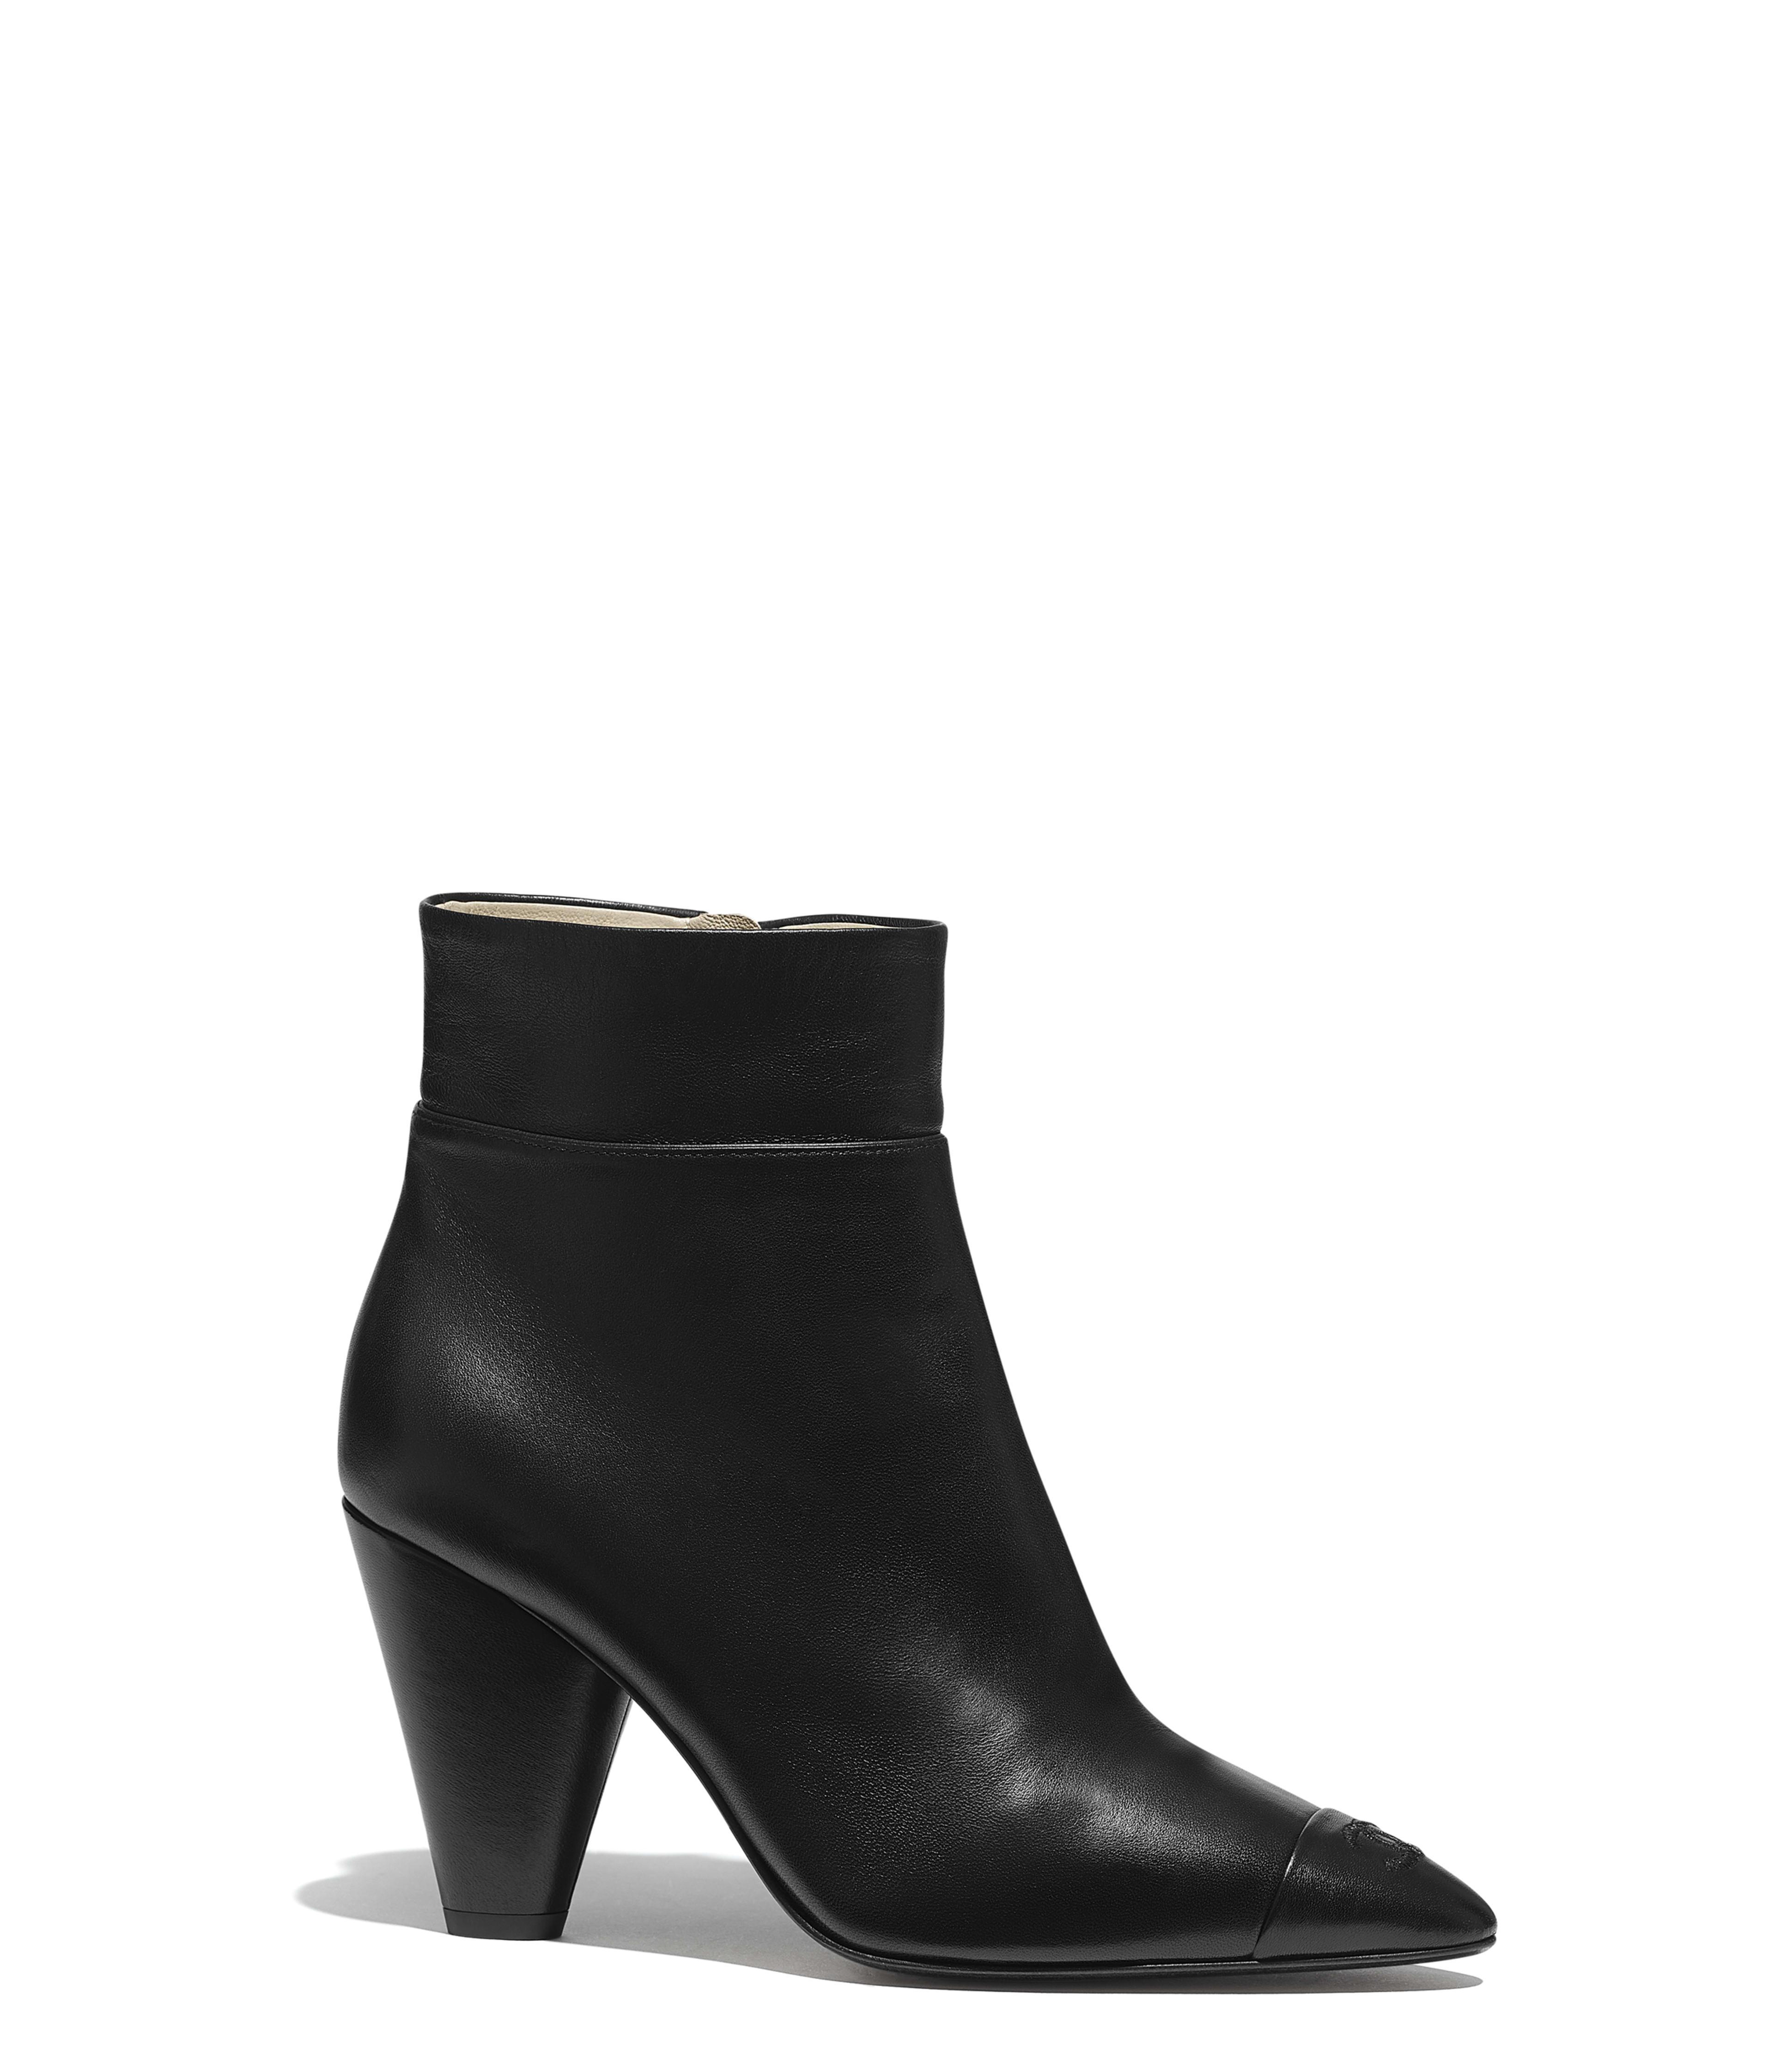 af25a96e385 Short Boots - Shoes | CHANEL